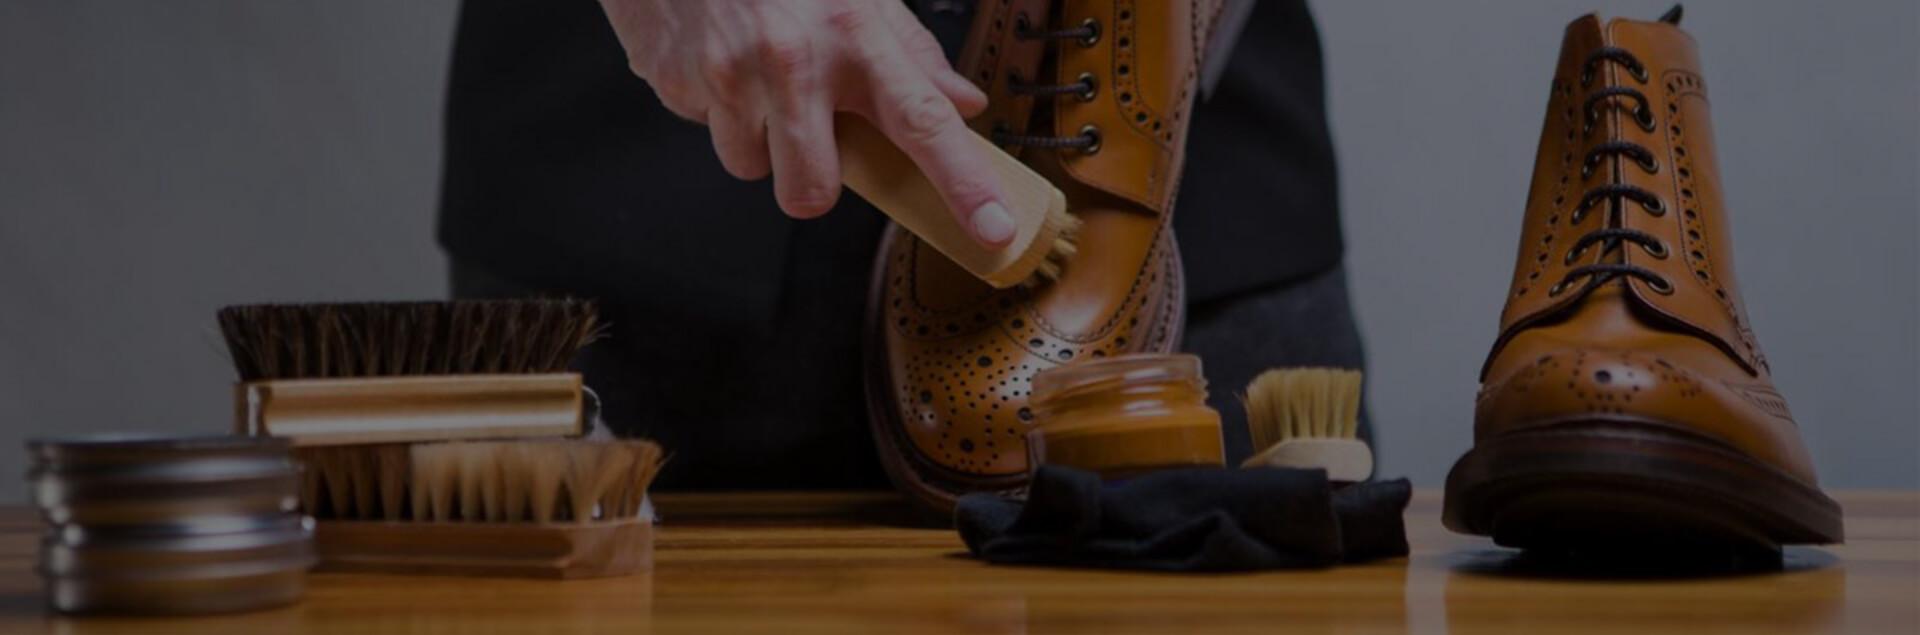 Ayaqqabıların-təmizlənməsi (1)